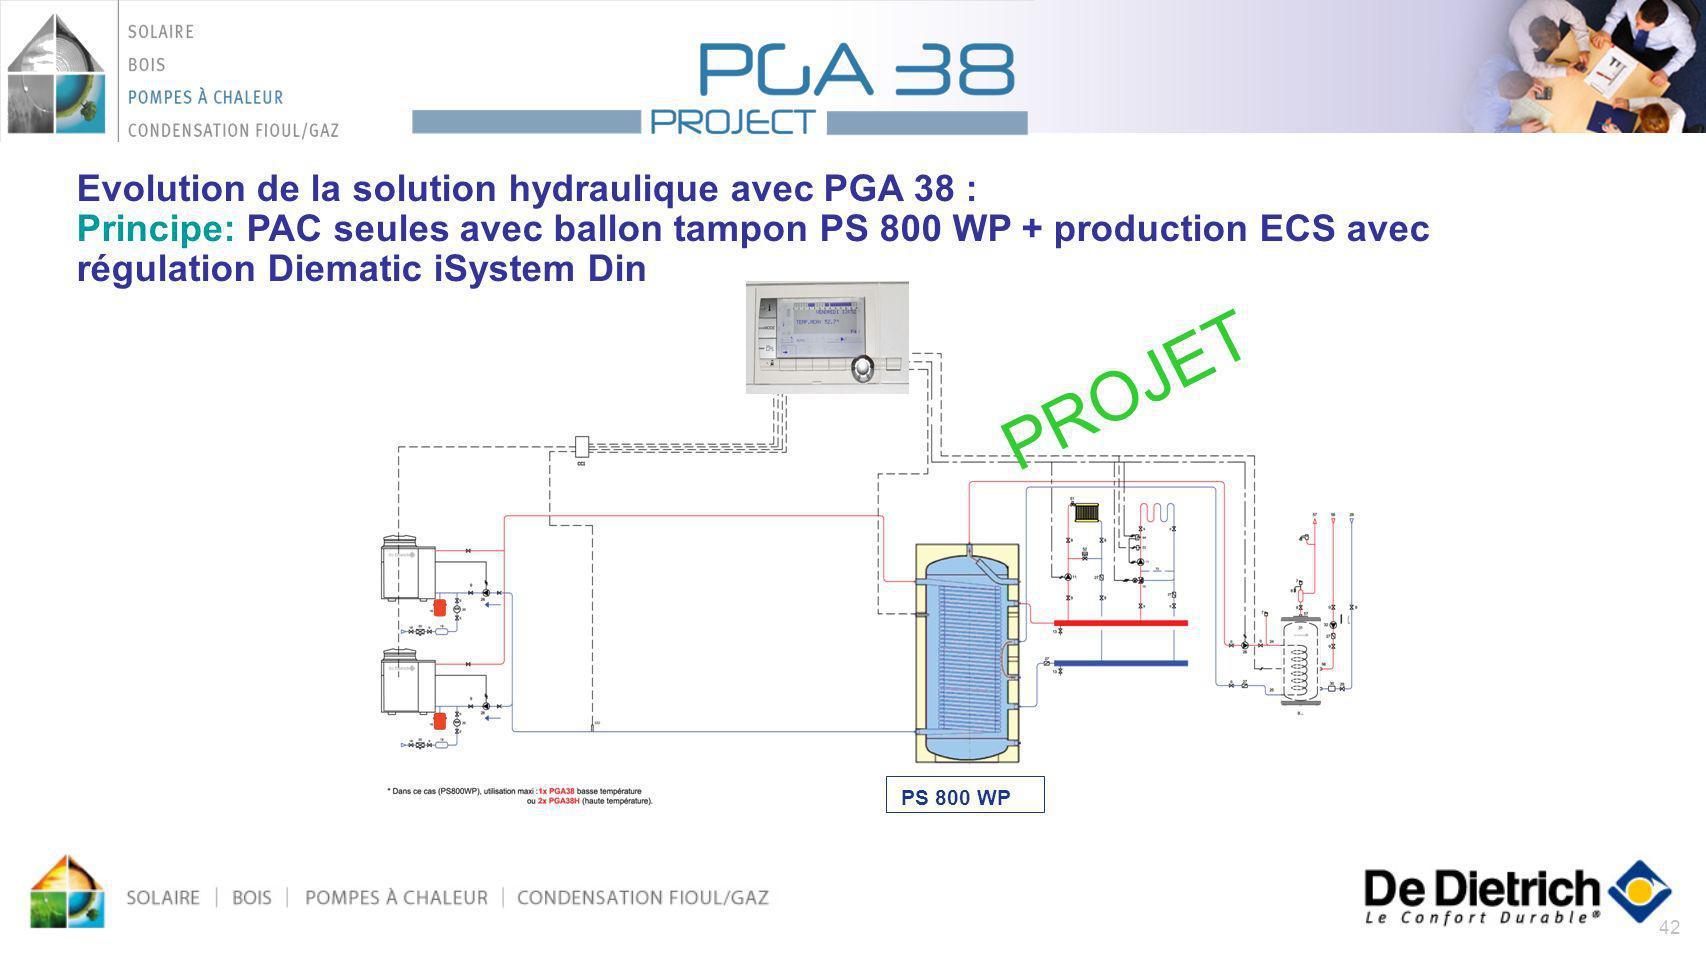 Evolution de la solution hydraulique avec PGA 38 : Principe: PAC seules avec ballon tampon PS 800 WP + production ECS avec régulation Diematic iSystem Din